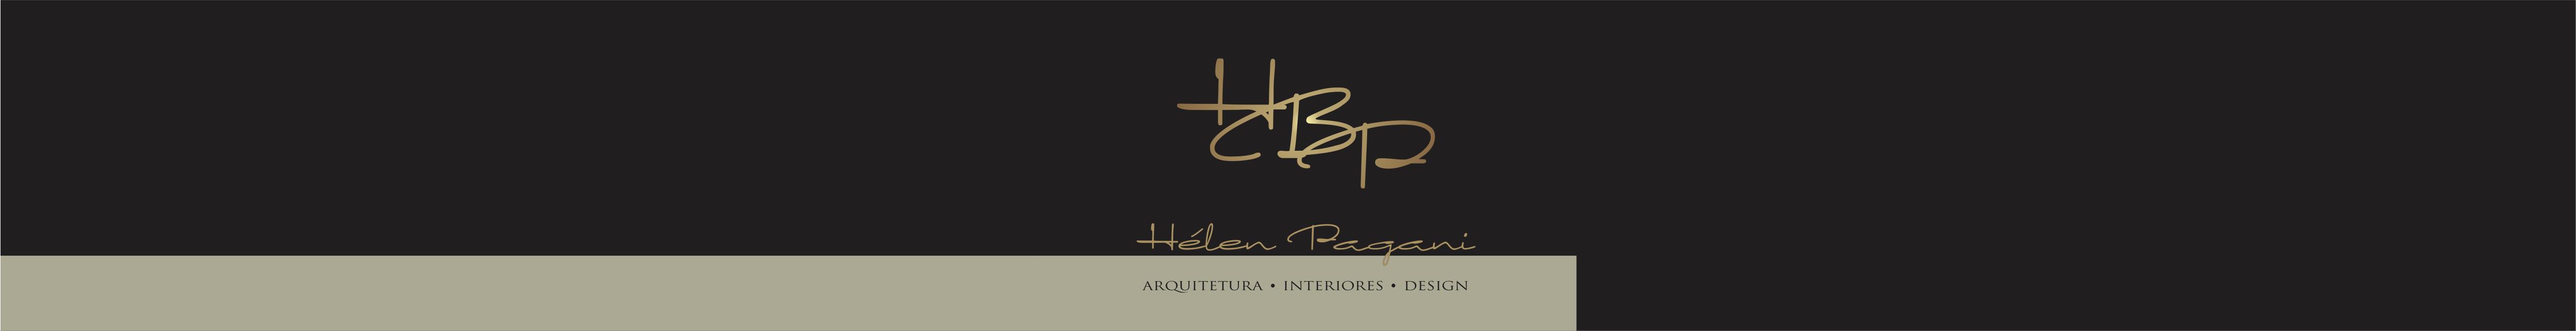 Hélen Pagani|HBP|...